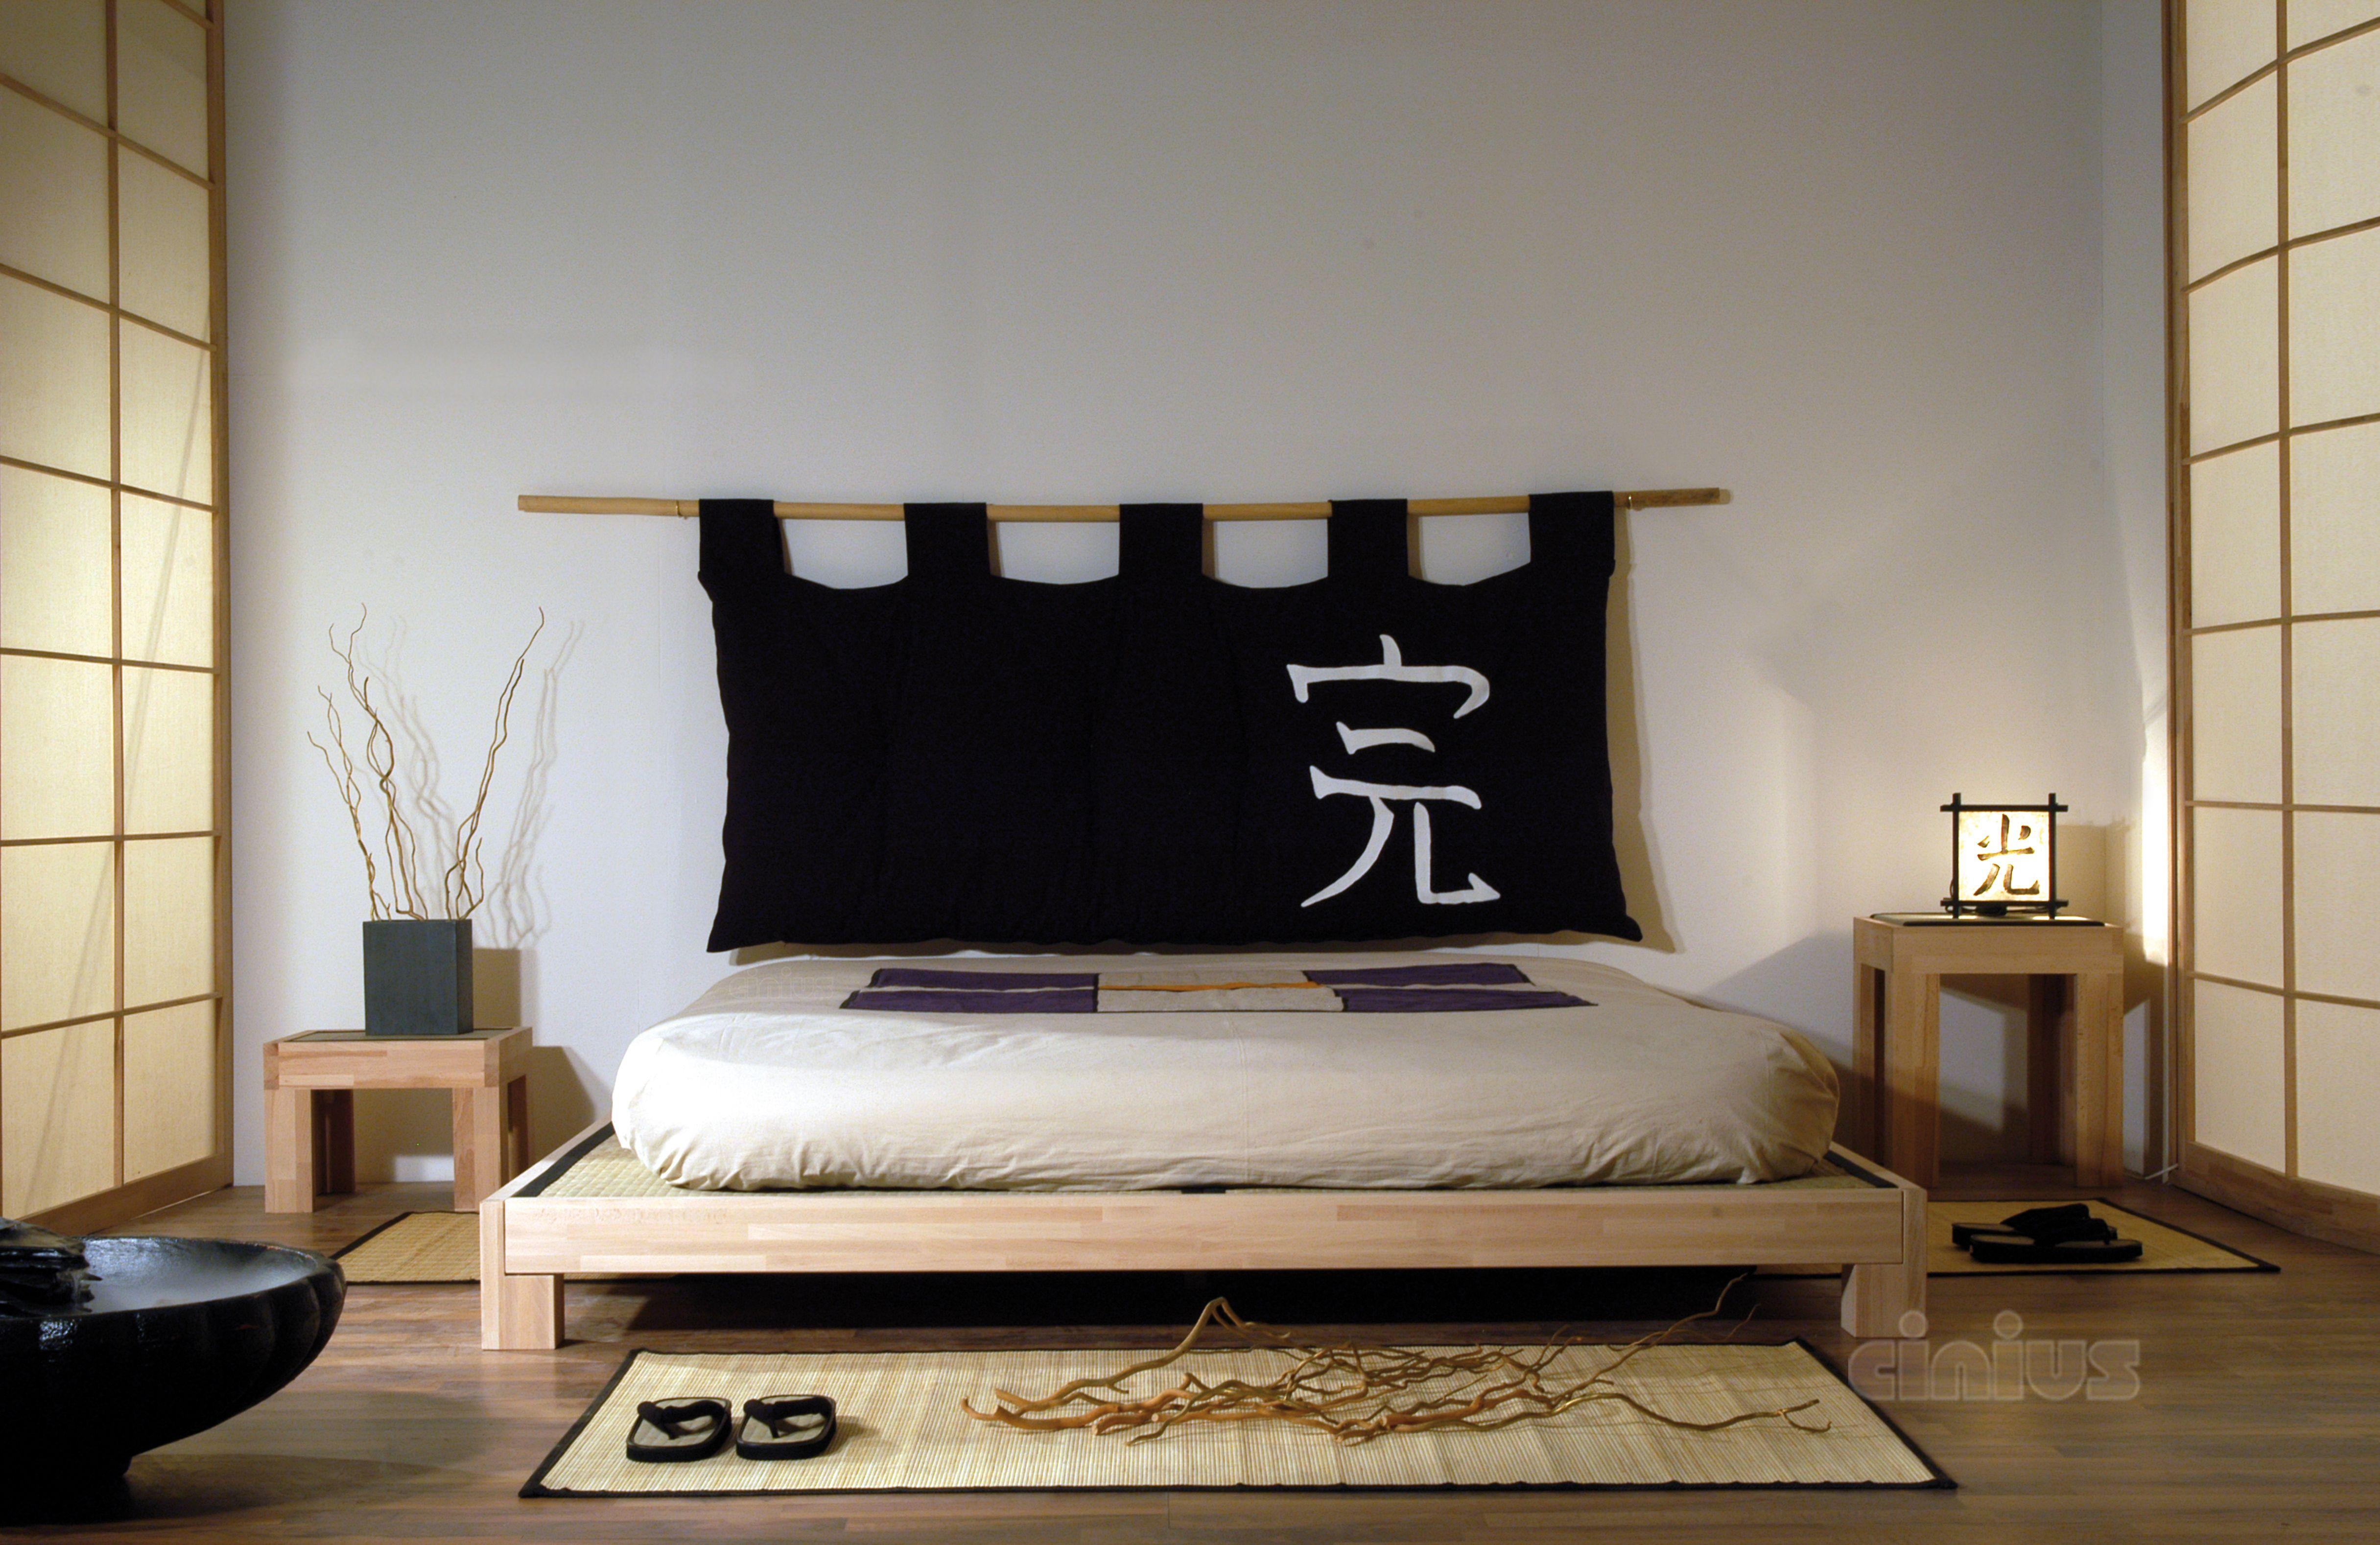 Letto Tatami-Bed] Il primo modello di letto concepito specificamente ...